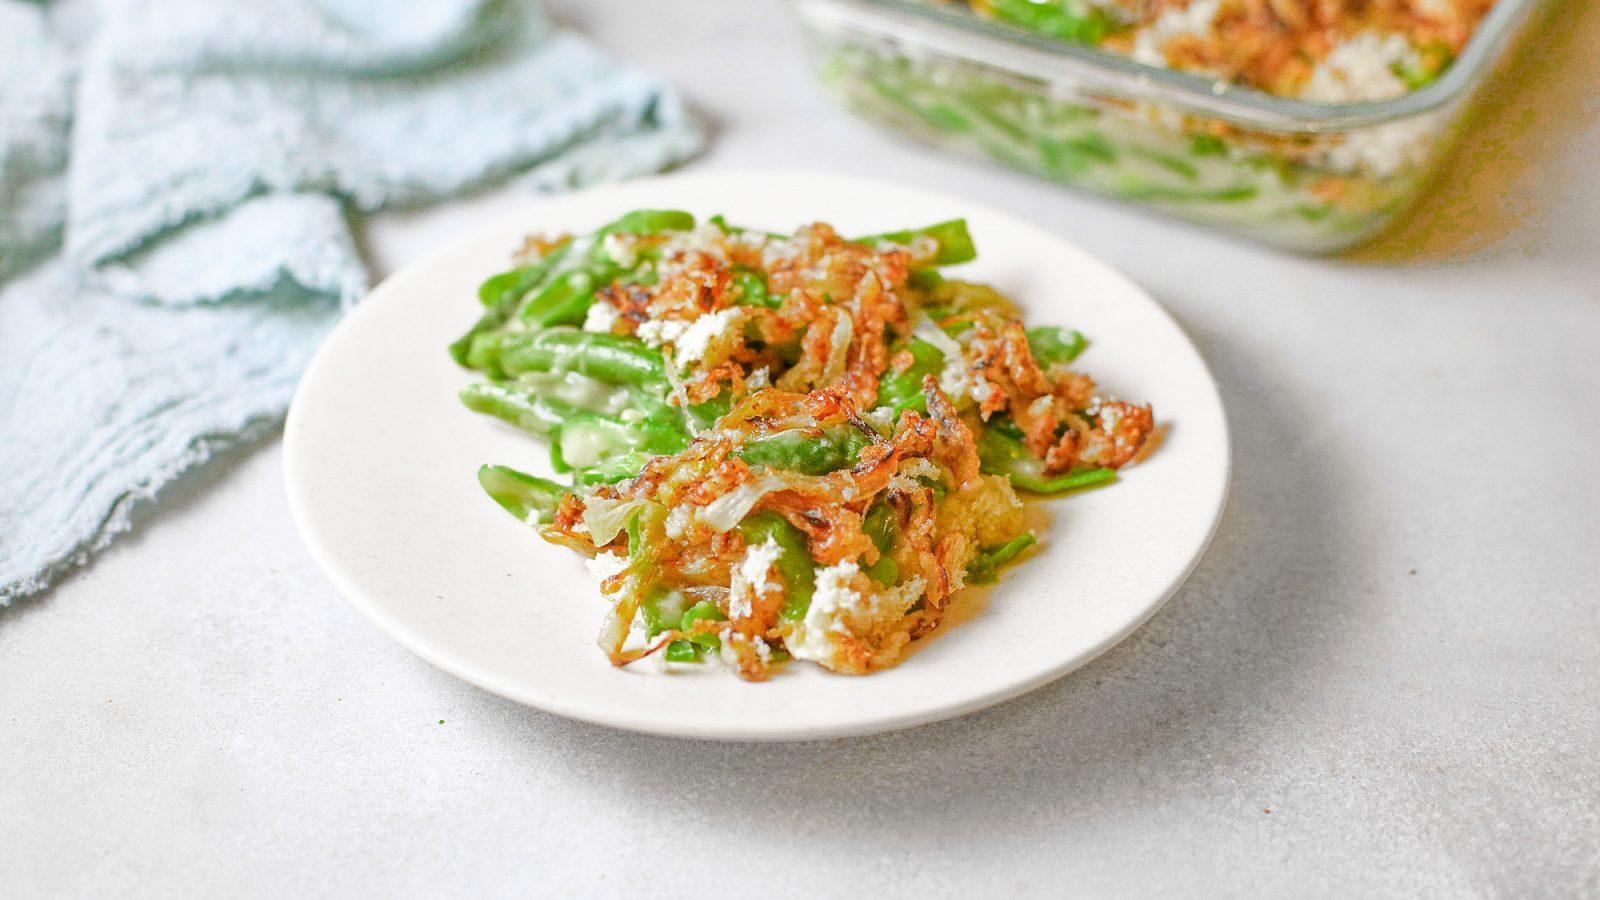 vegan green bean casserole on plate